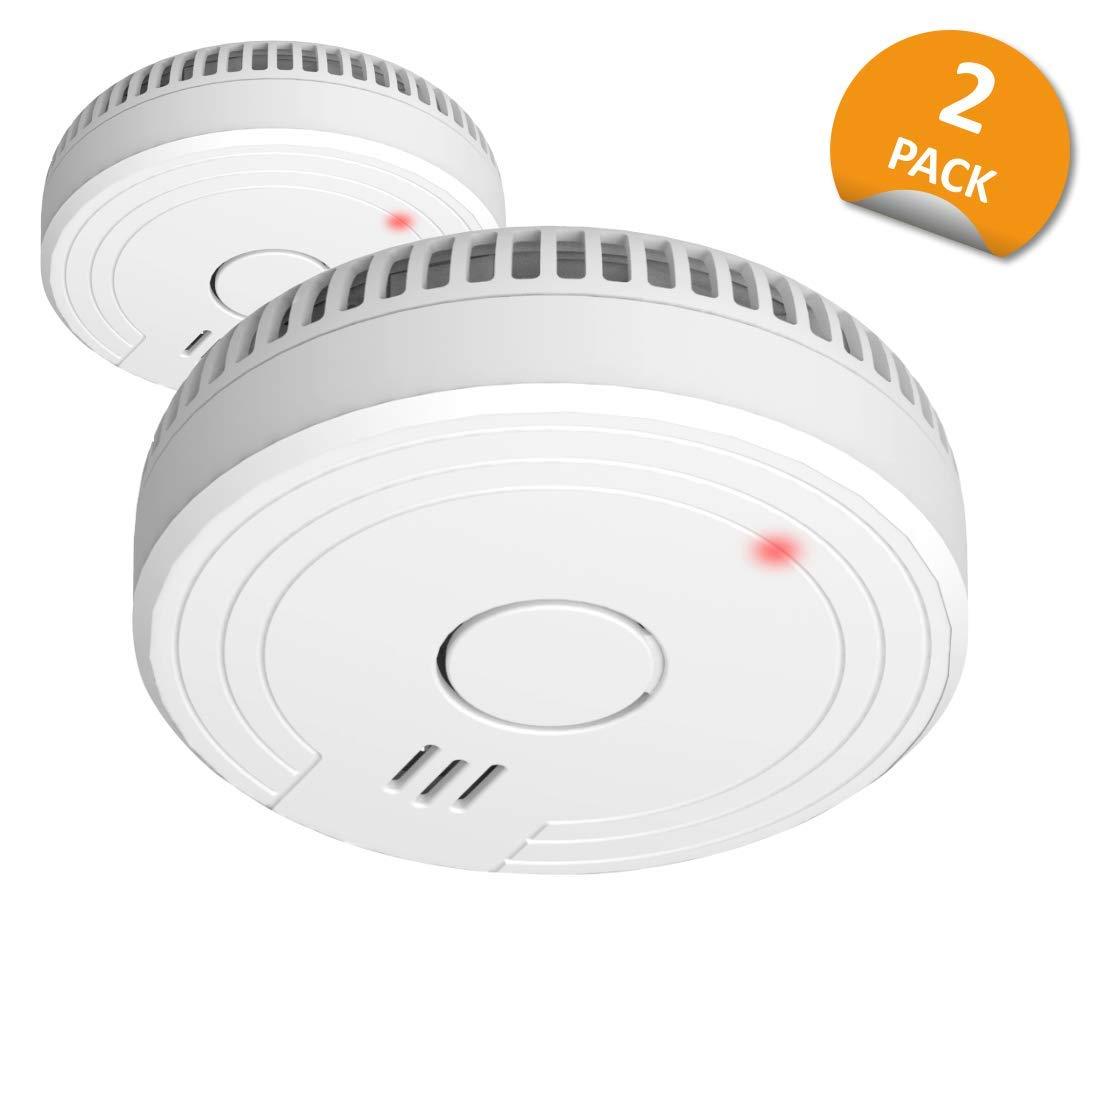 Carbon Monoxide Detector White Set of 2 Piece